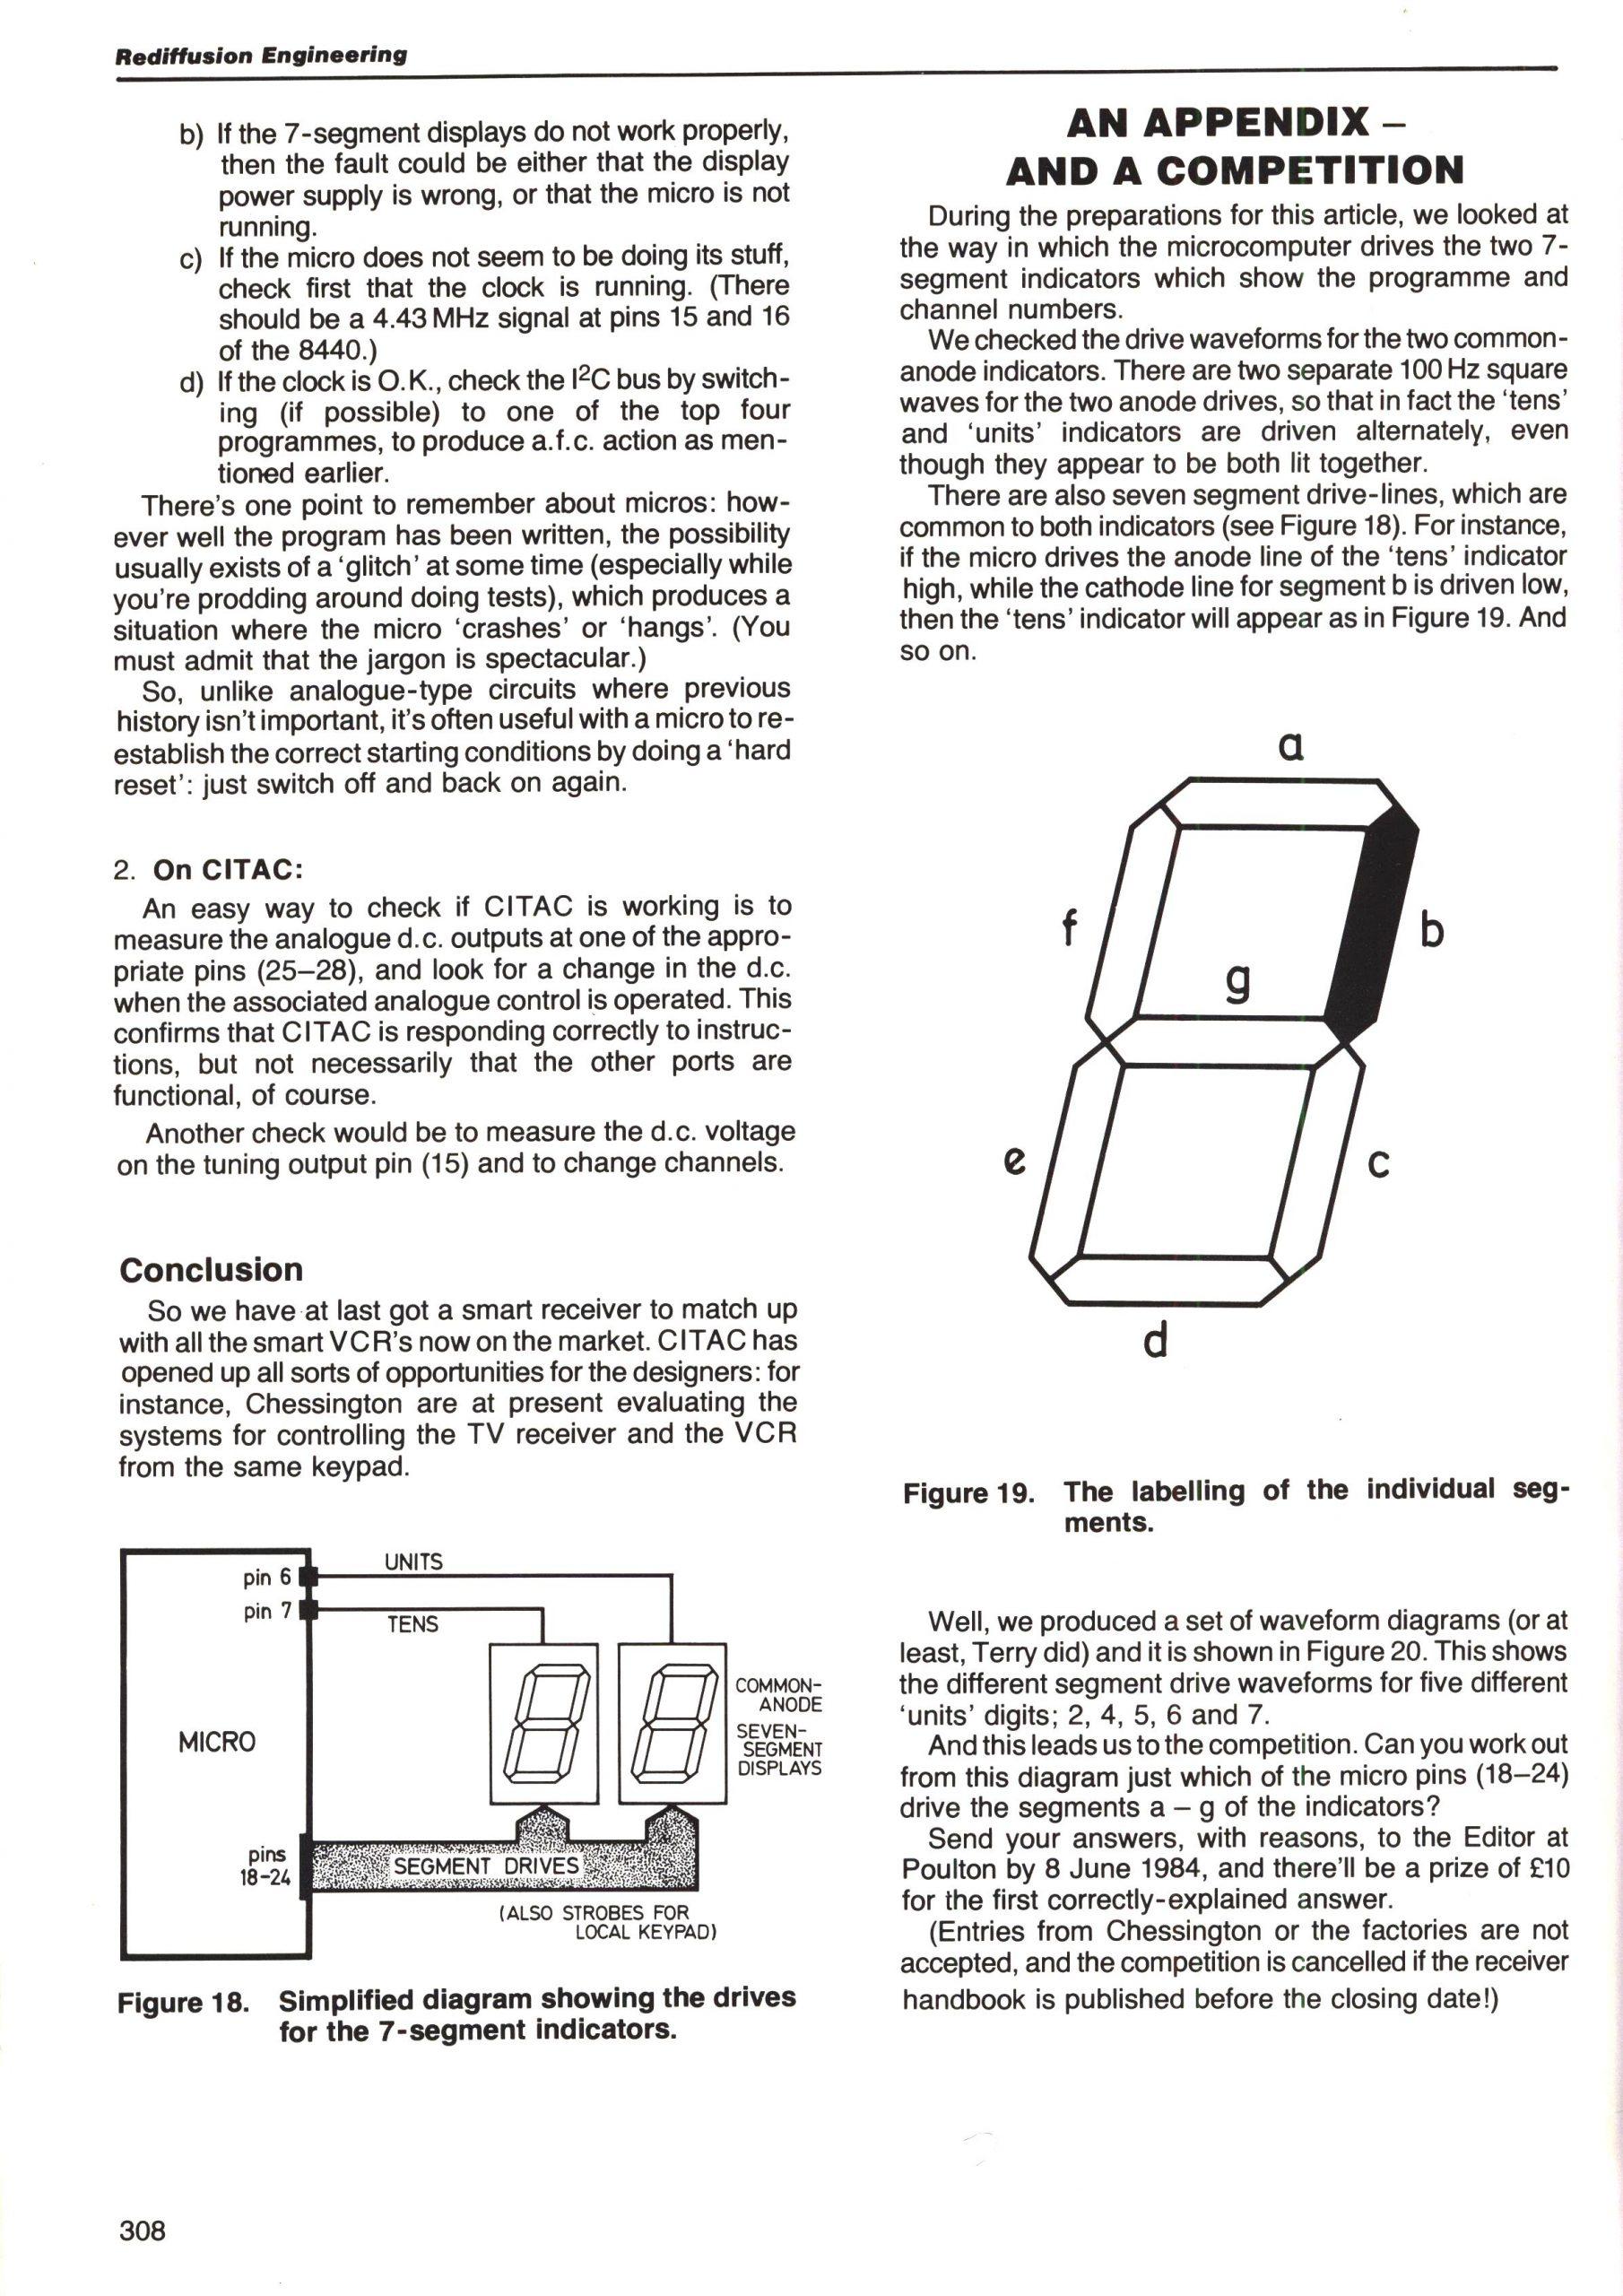 Rediffusion CITAC (MK4A) 29